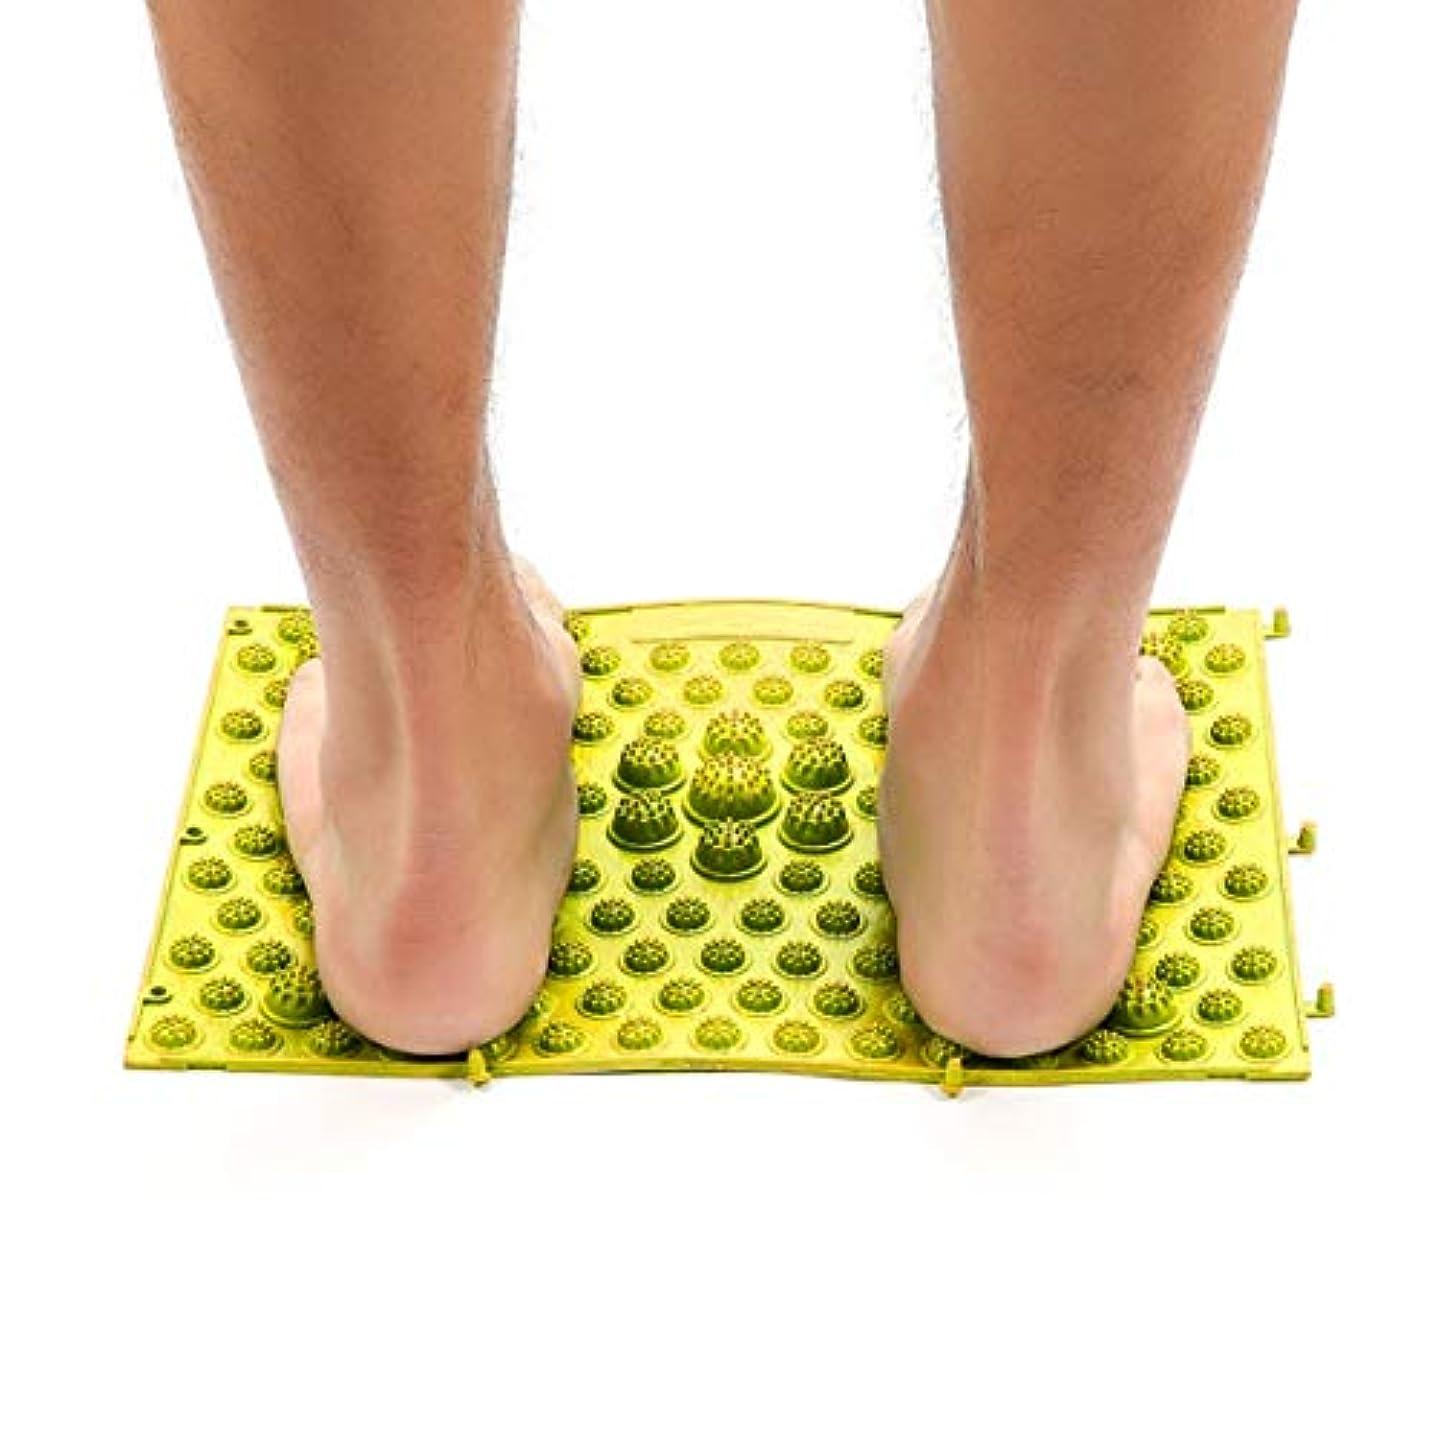 到着する意図するインデックスAcupressure Foot Mats Running Man Game Same Type Foot Reflexology Walking Massage Mat for Pain Relief Stress Relief...